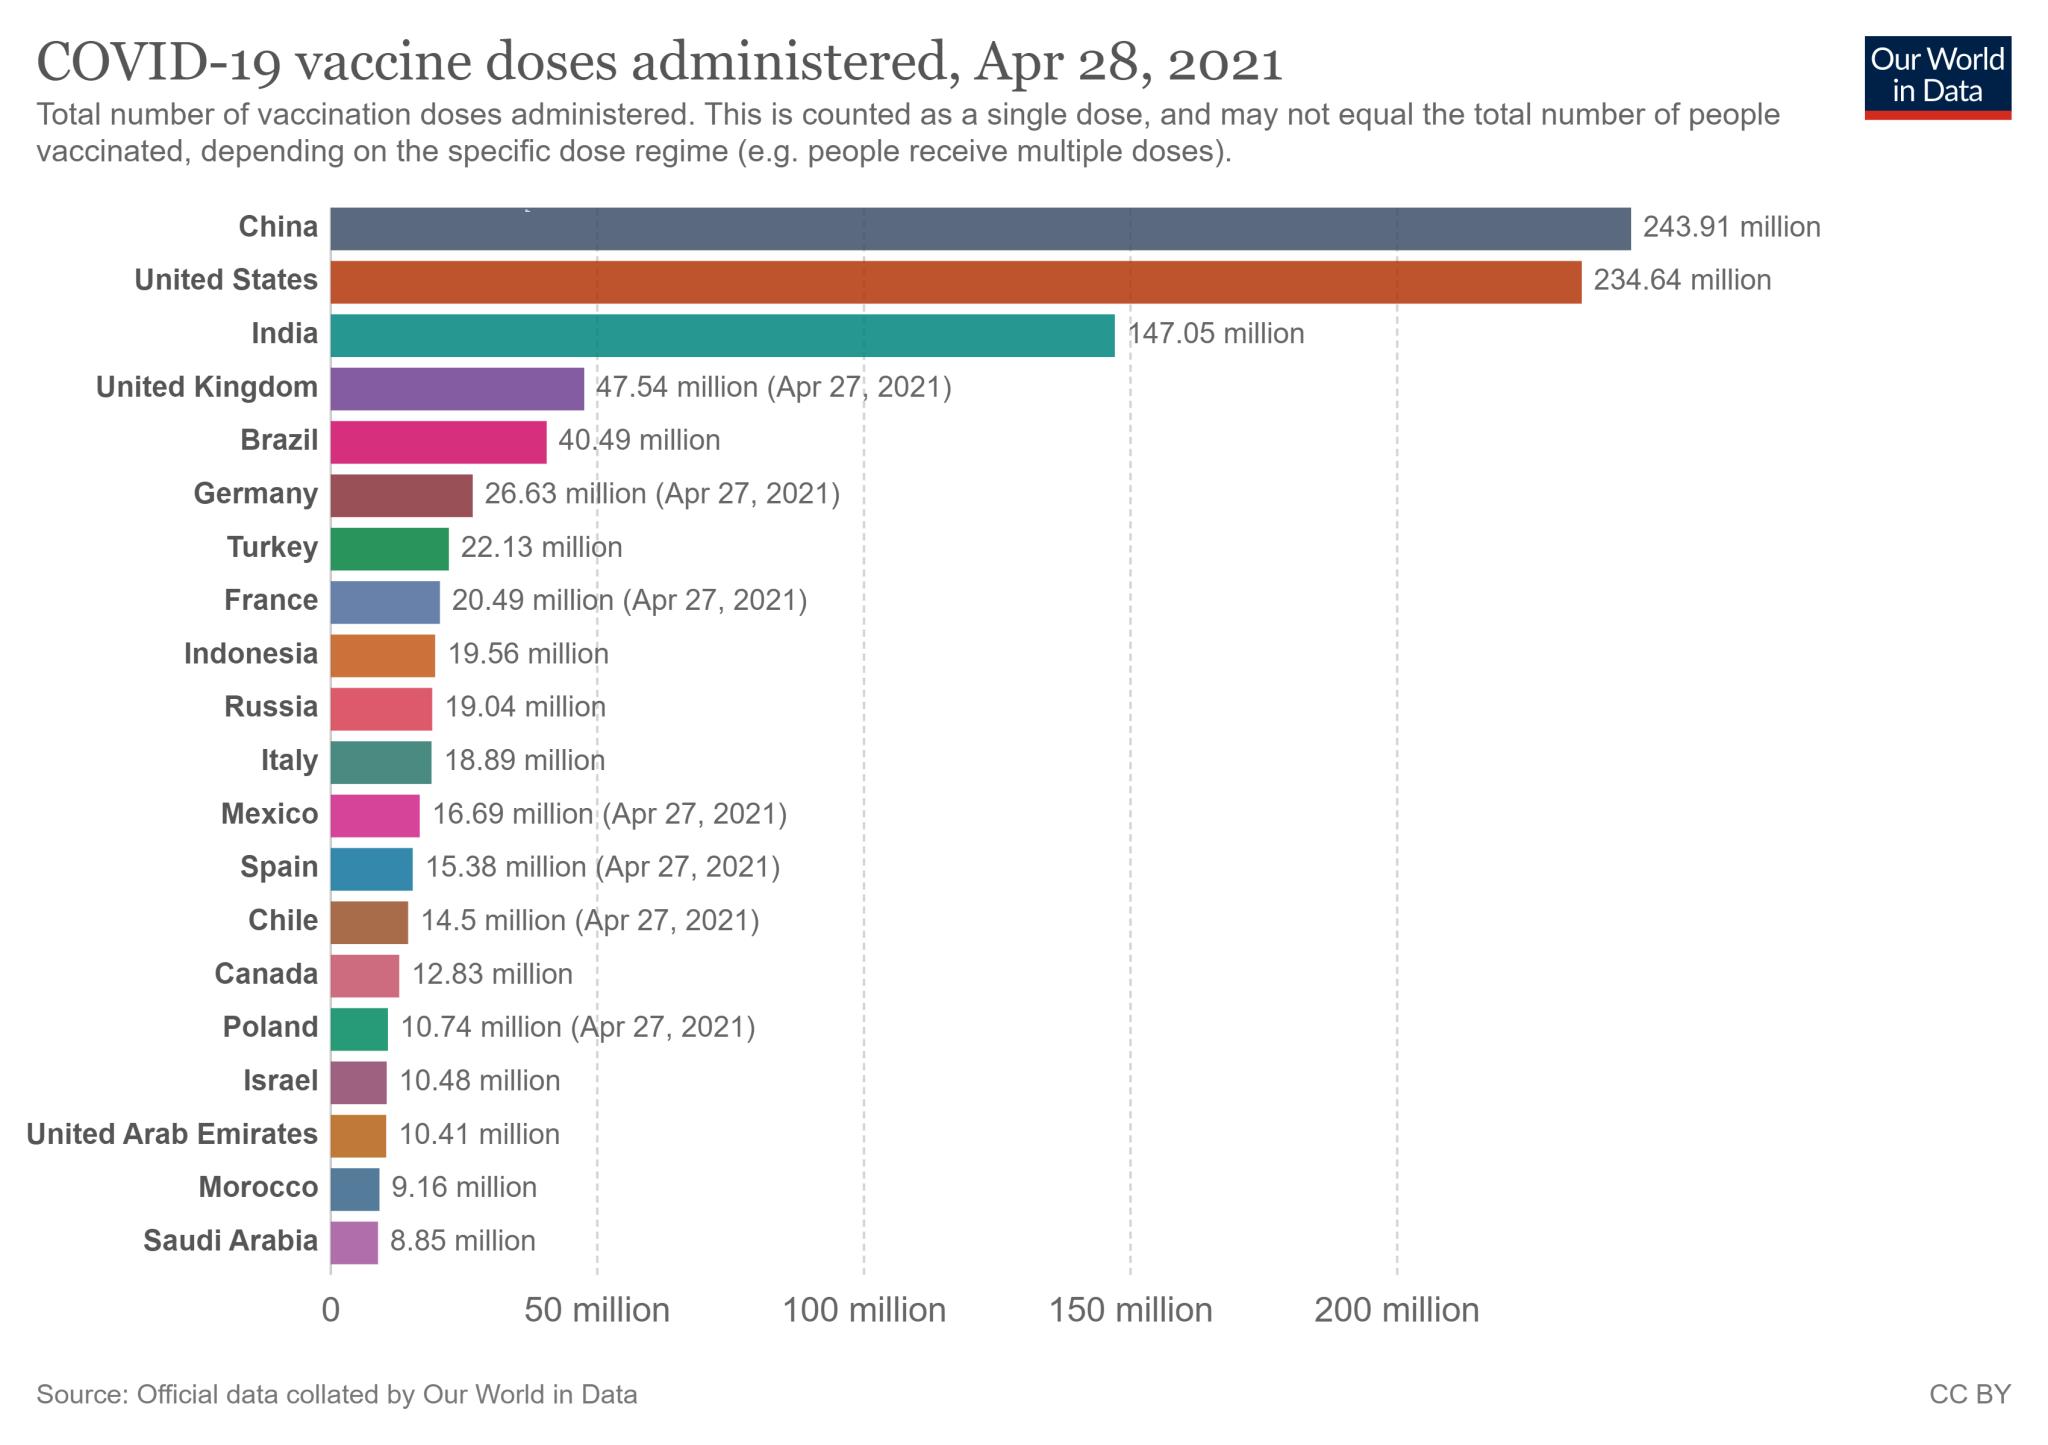 20 państw z najwyższą liczbą wykonanych szczepień przeciw COVID-19 na świecie (stan na 28 kwietnia 2021)